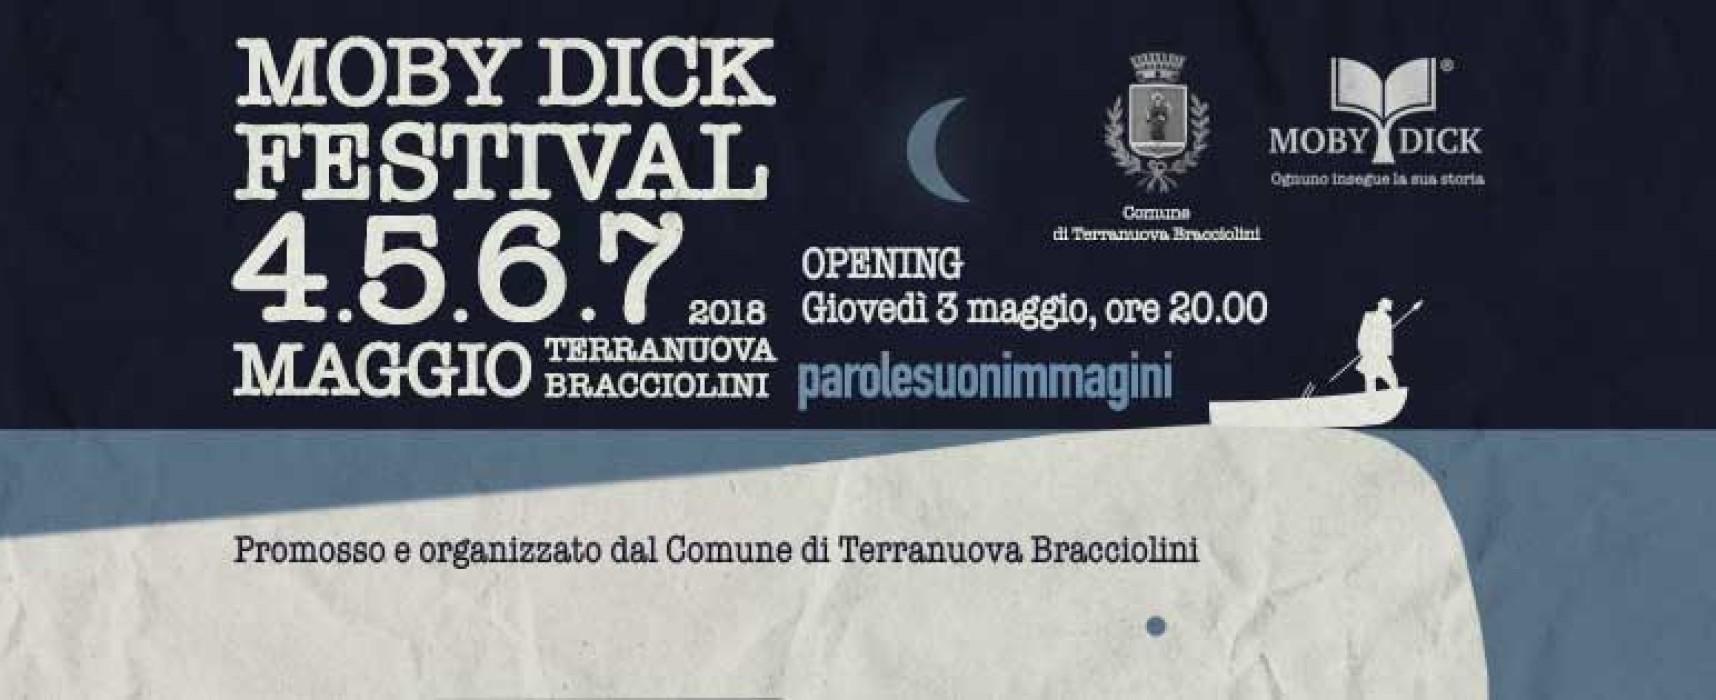 Moby Dick Festival festival culturale a Terranuova Bracciolini